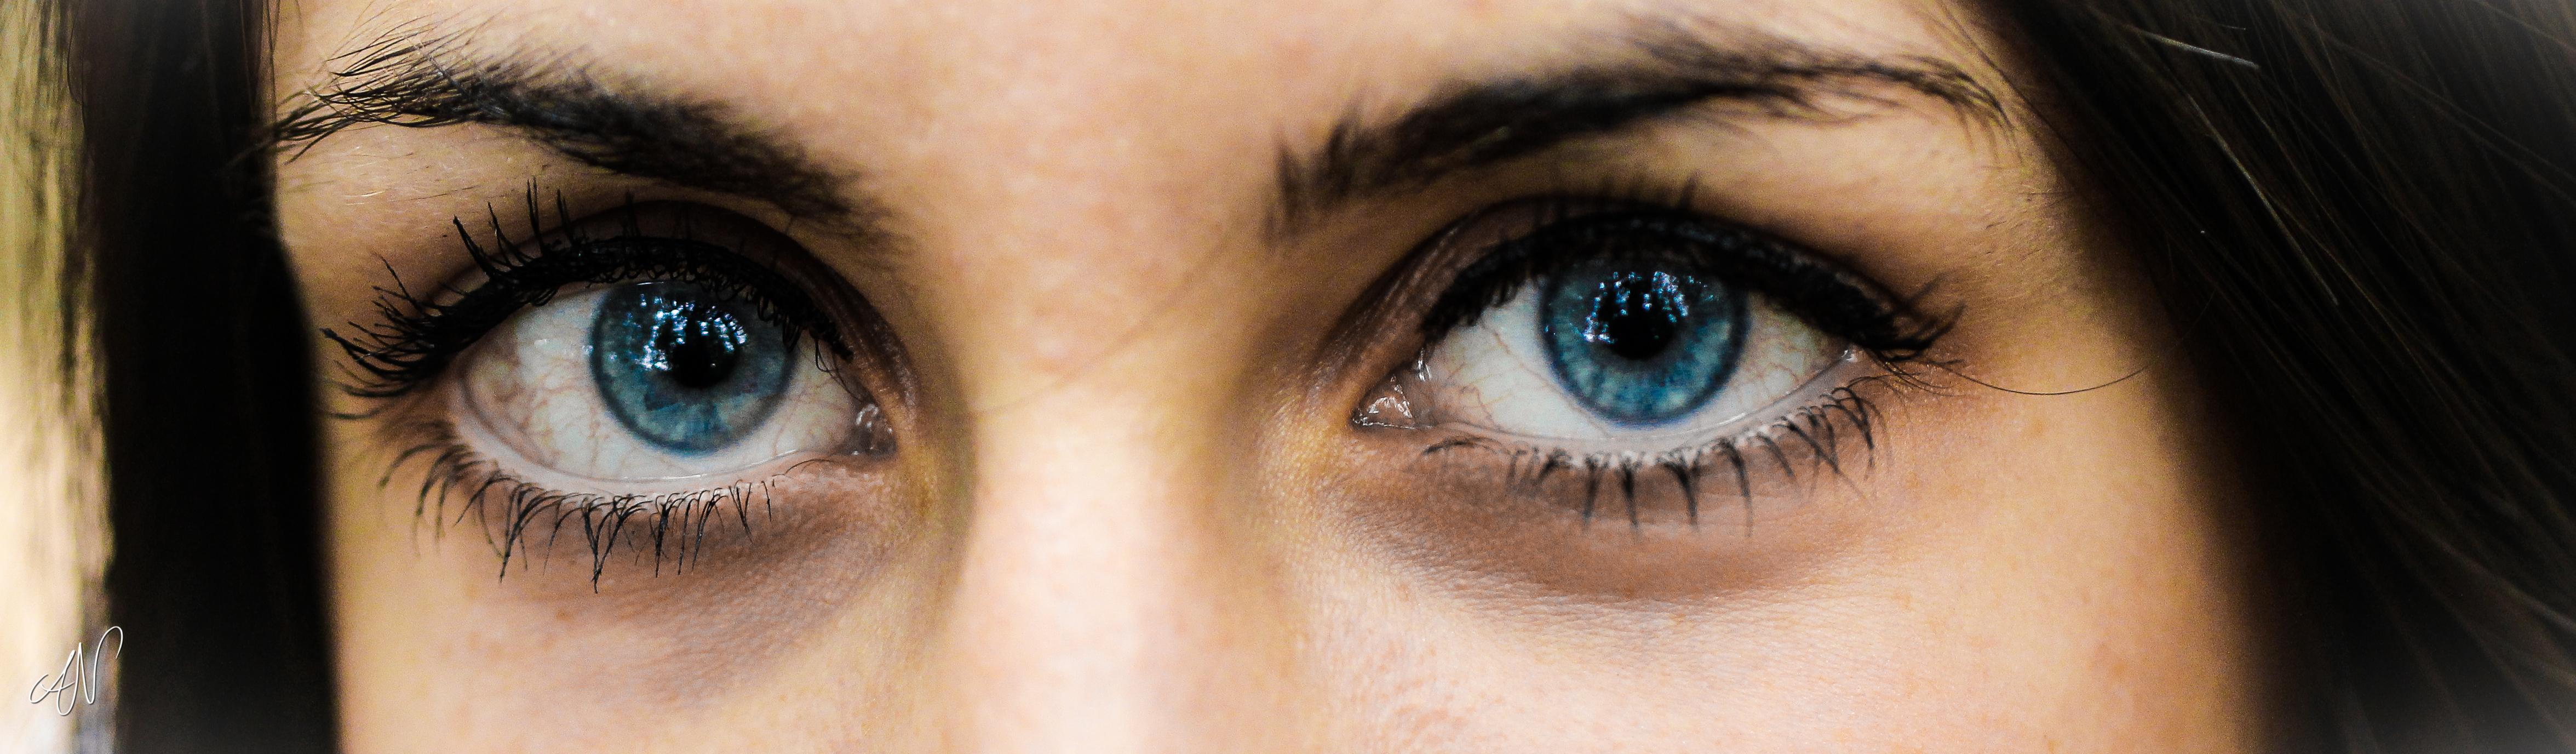 Magla u očima s hipertenzijom